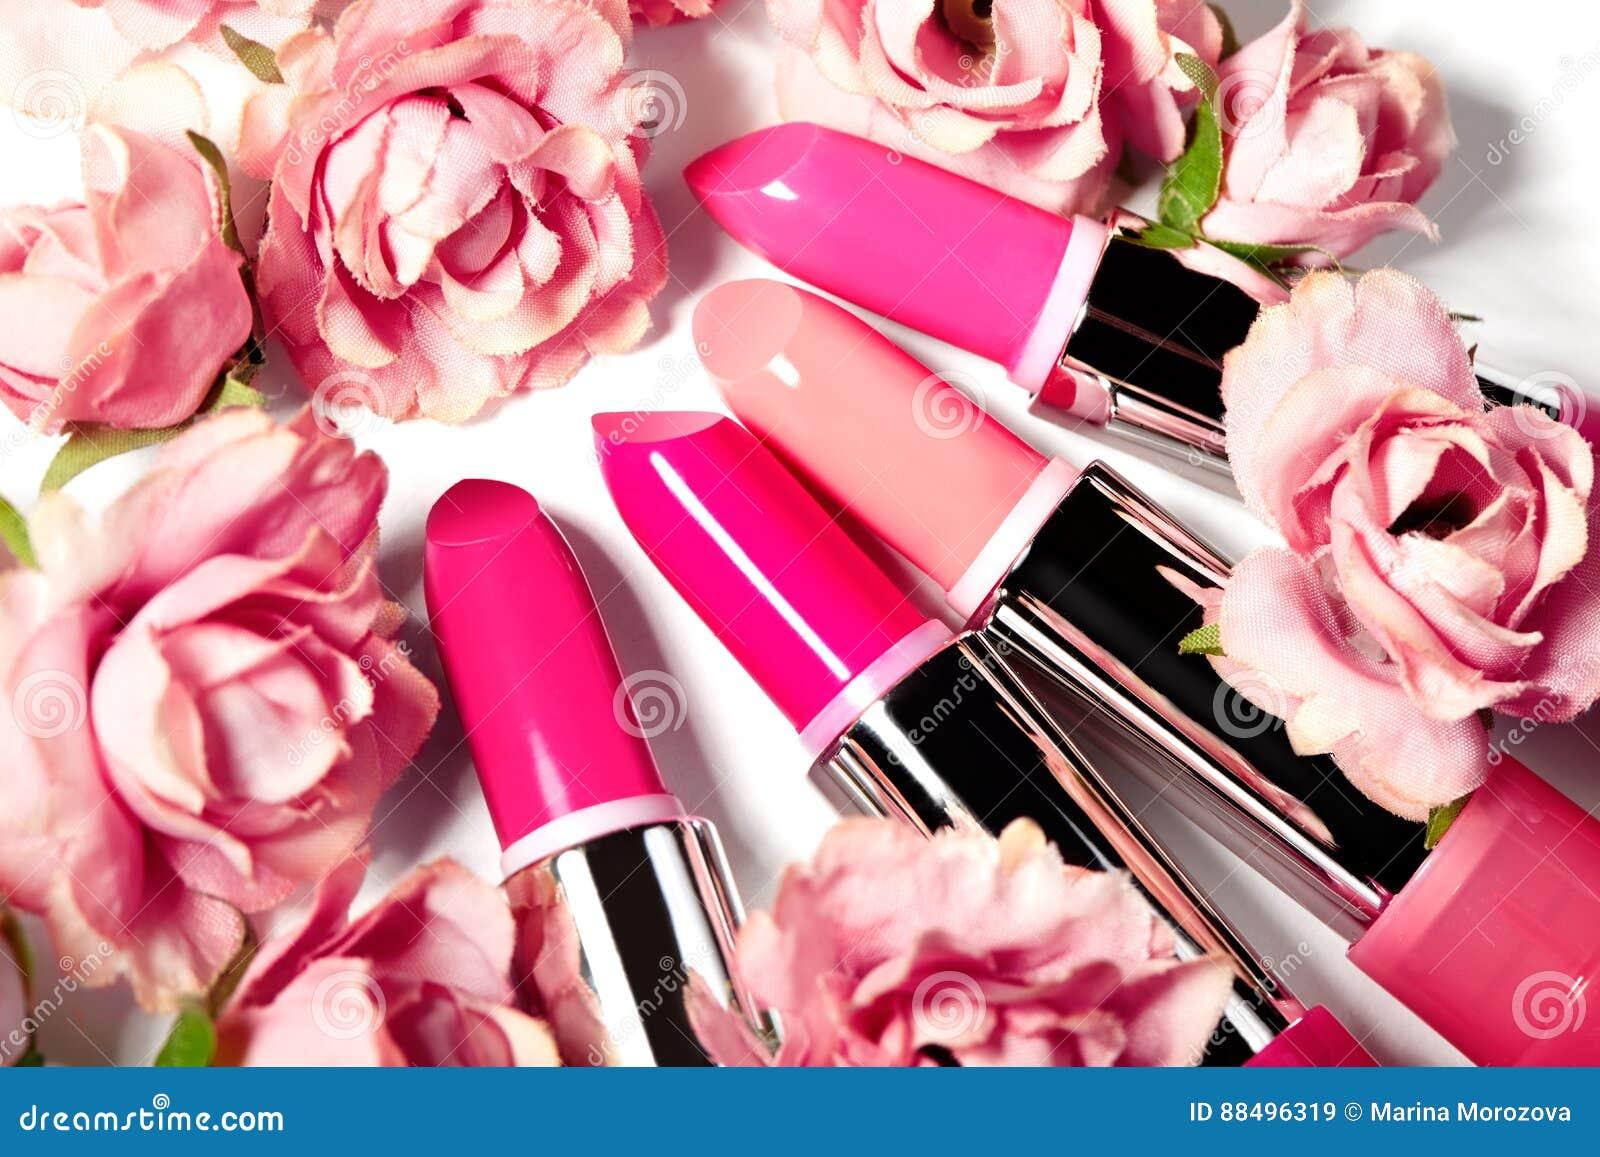 De lentereeks lippenstiften in roze bloemen Schoonheids kosmetische inzameling Modetrends in schoonheidsmiddelen, heldere lippen